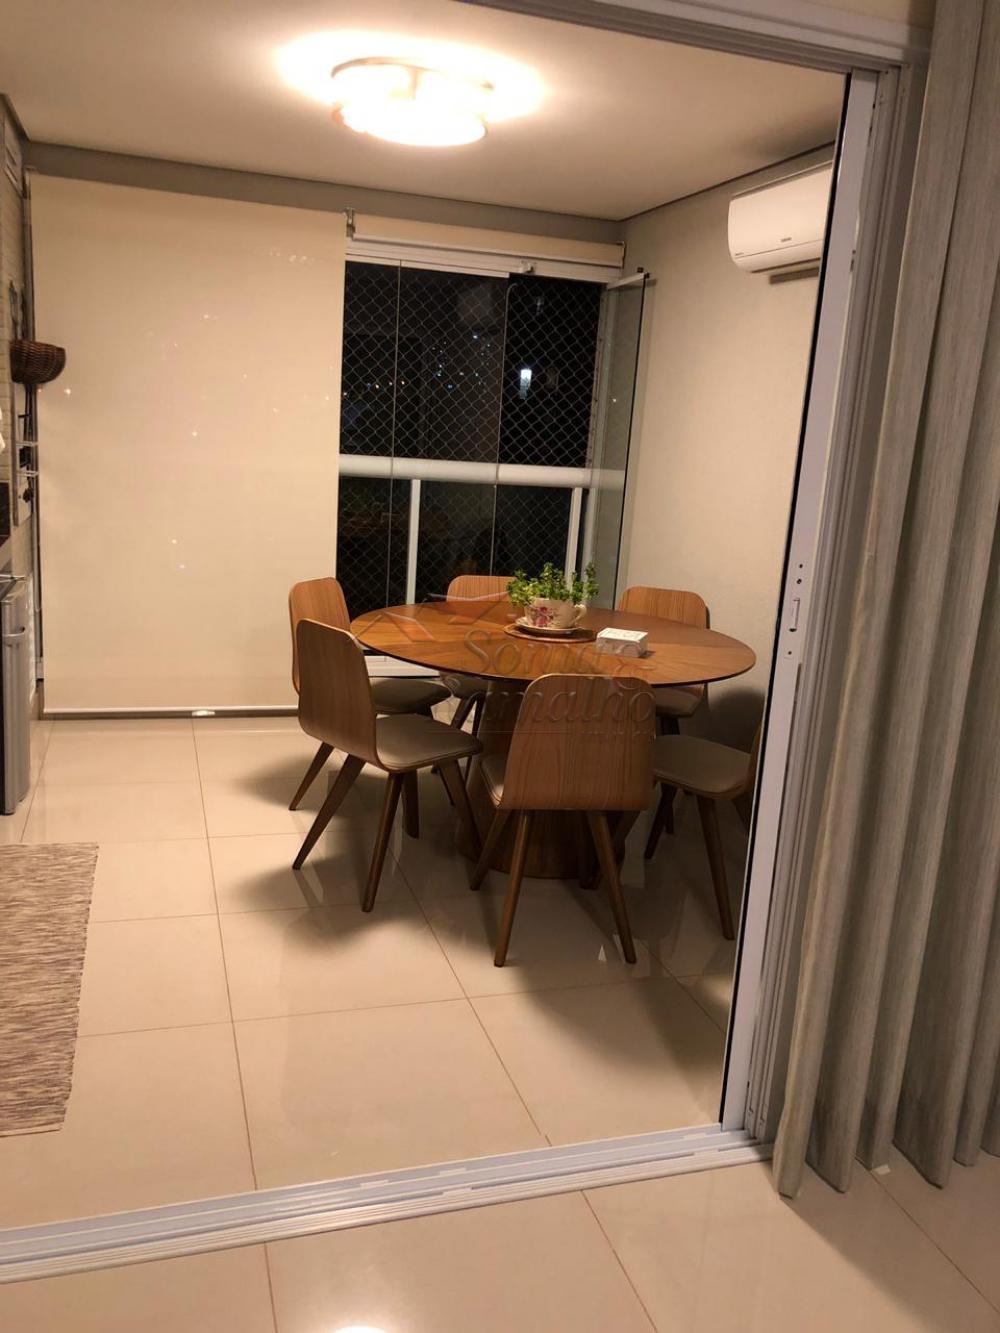 Comprar Apartamentos / Padrão em Ribeirão Preto apenas R$ 615.000,00 - Foto 4